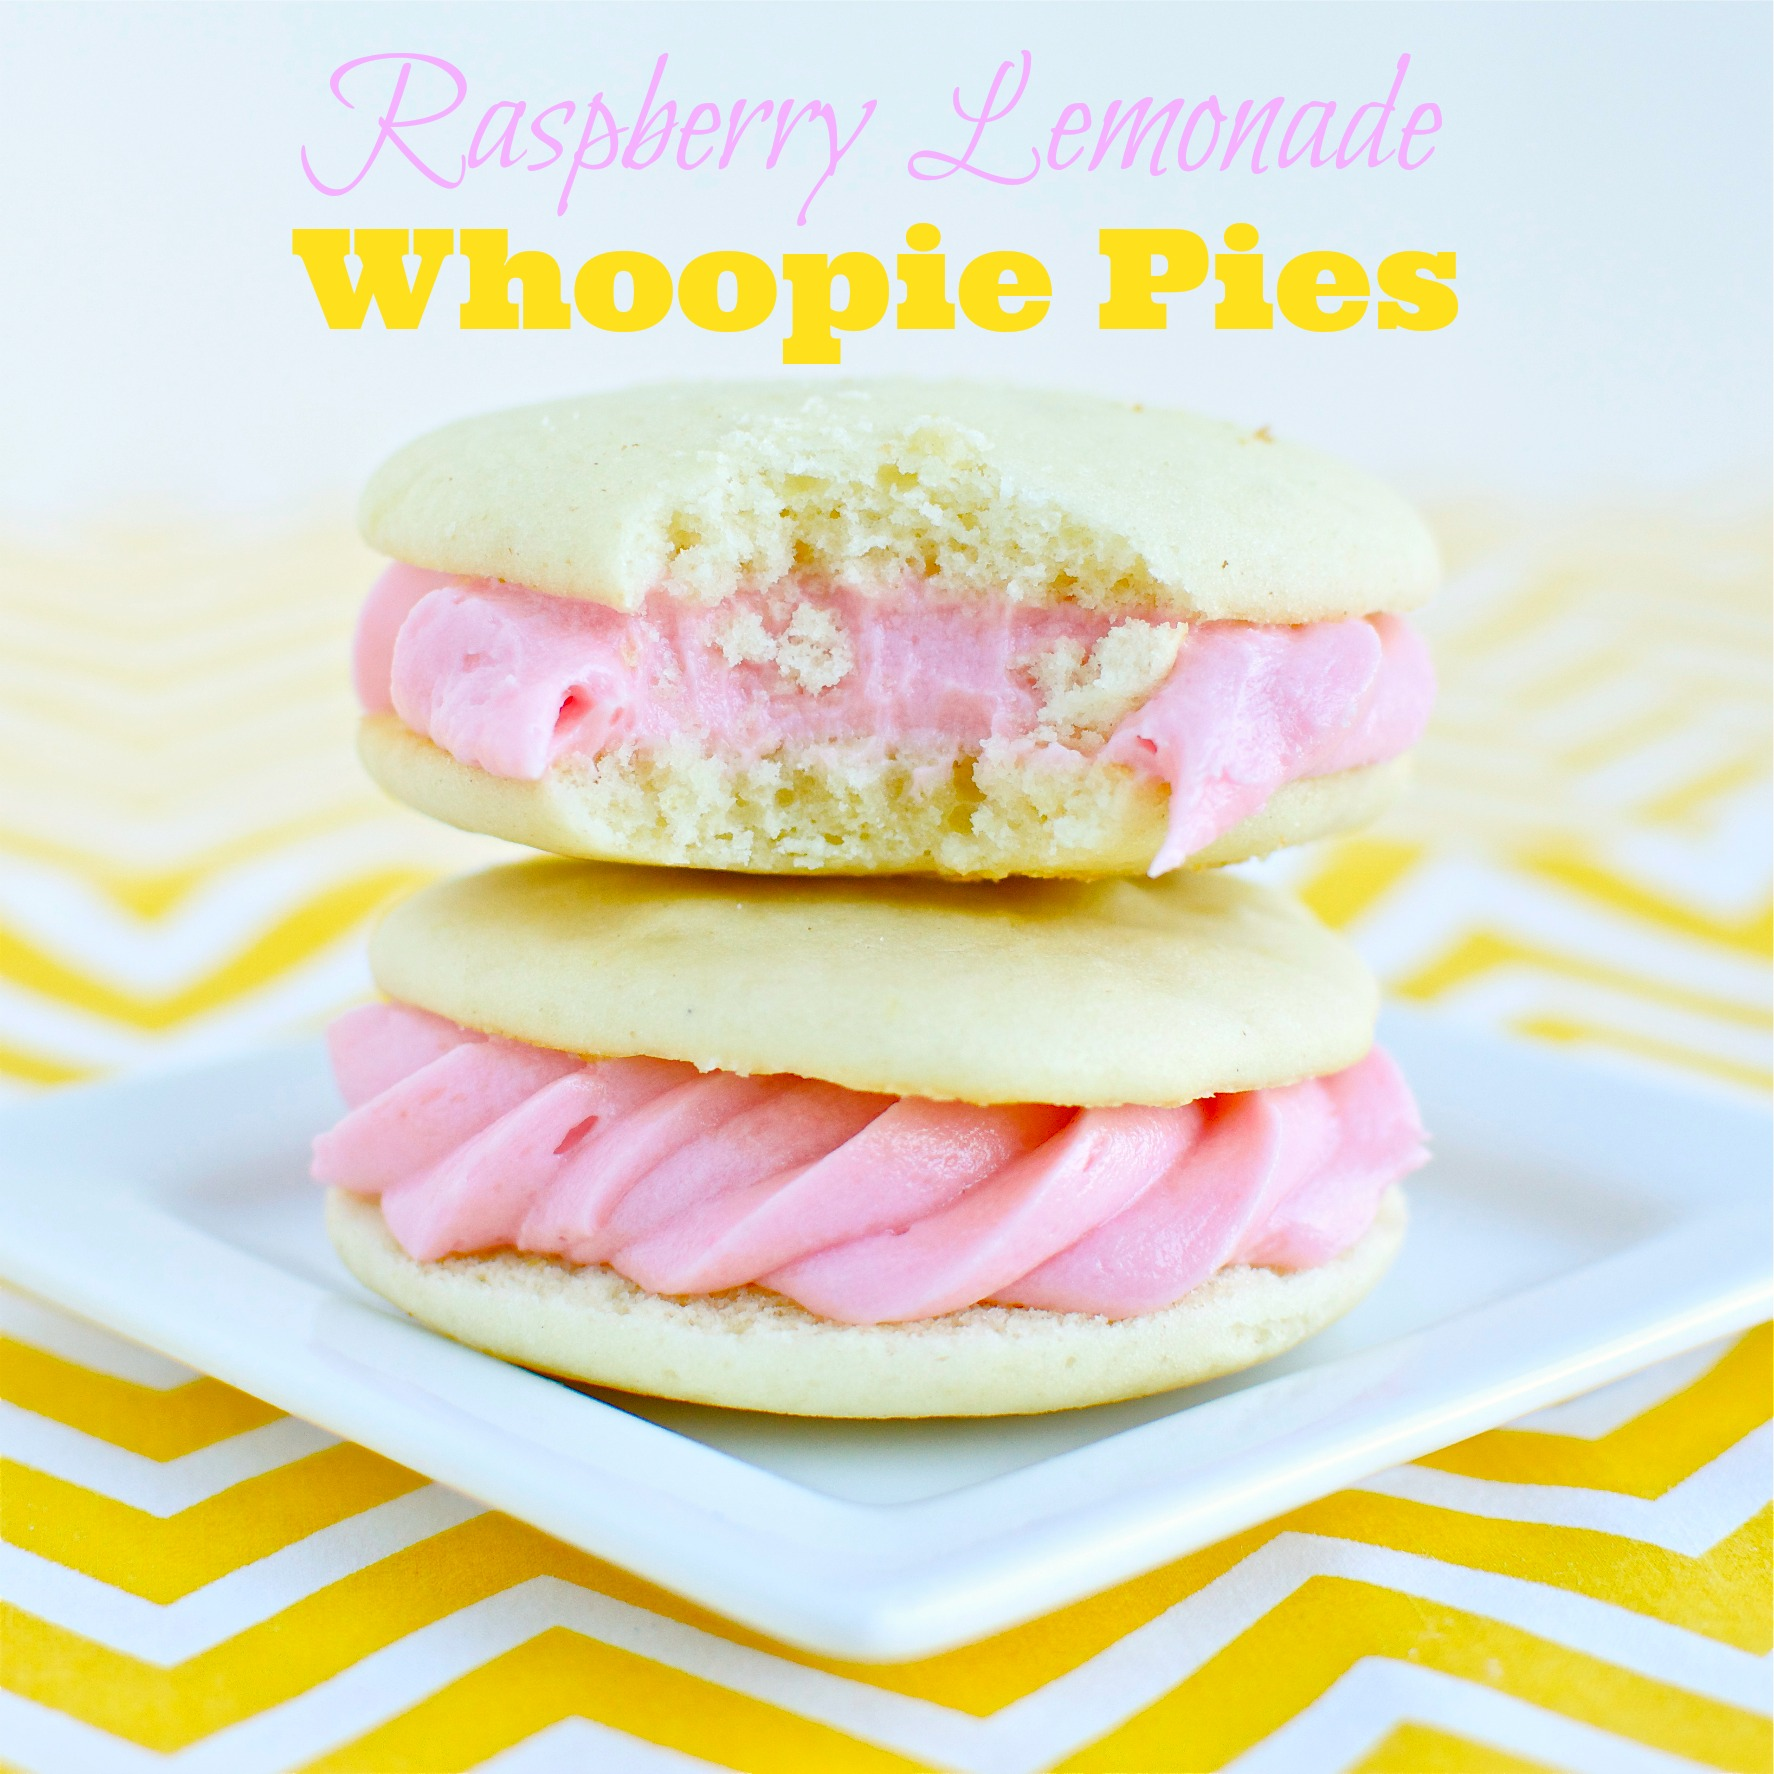 pies raspberry lemon whoopie pies raspberry lemon whoopie pies lemon ...